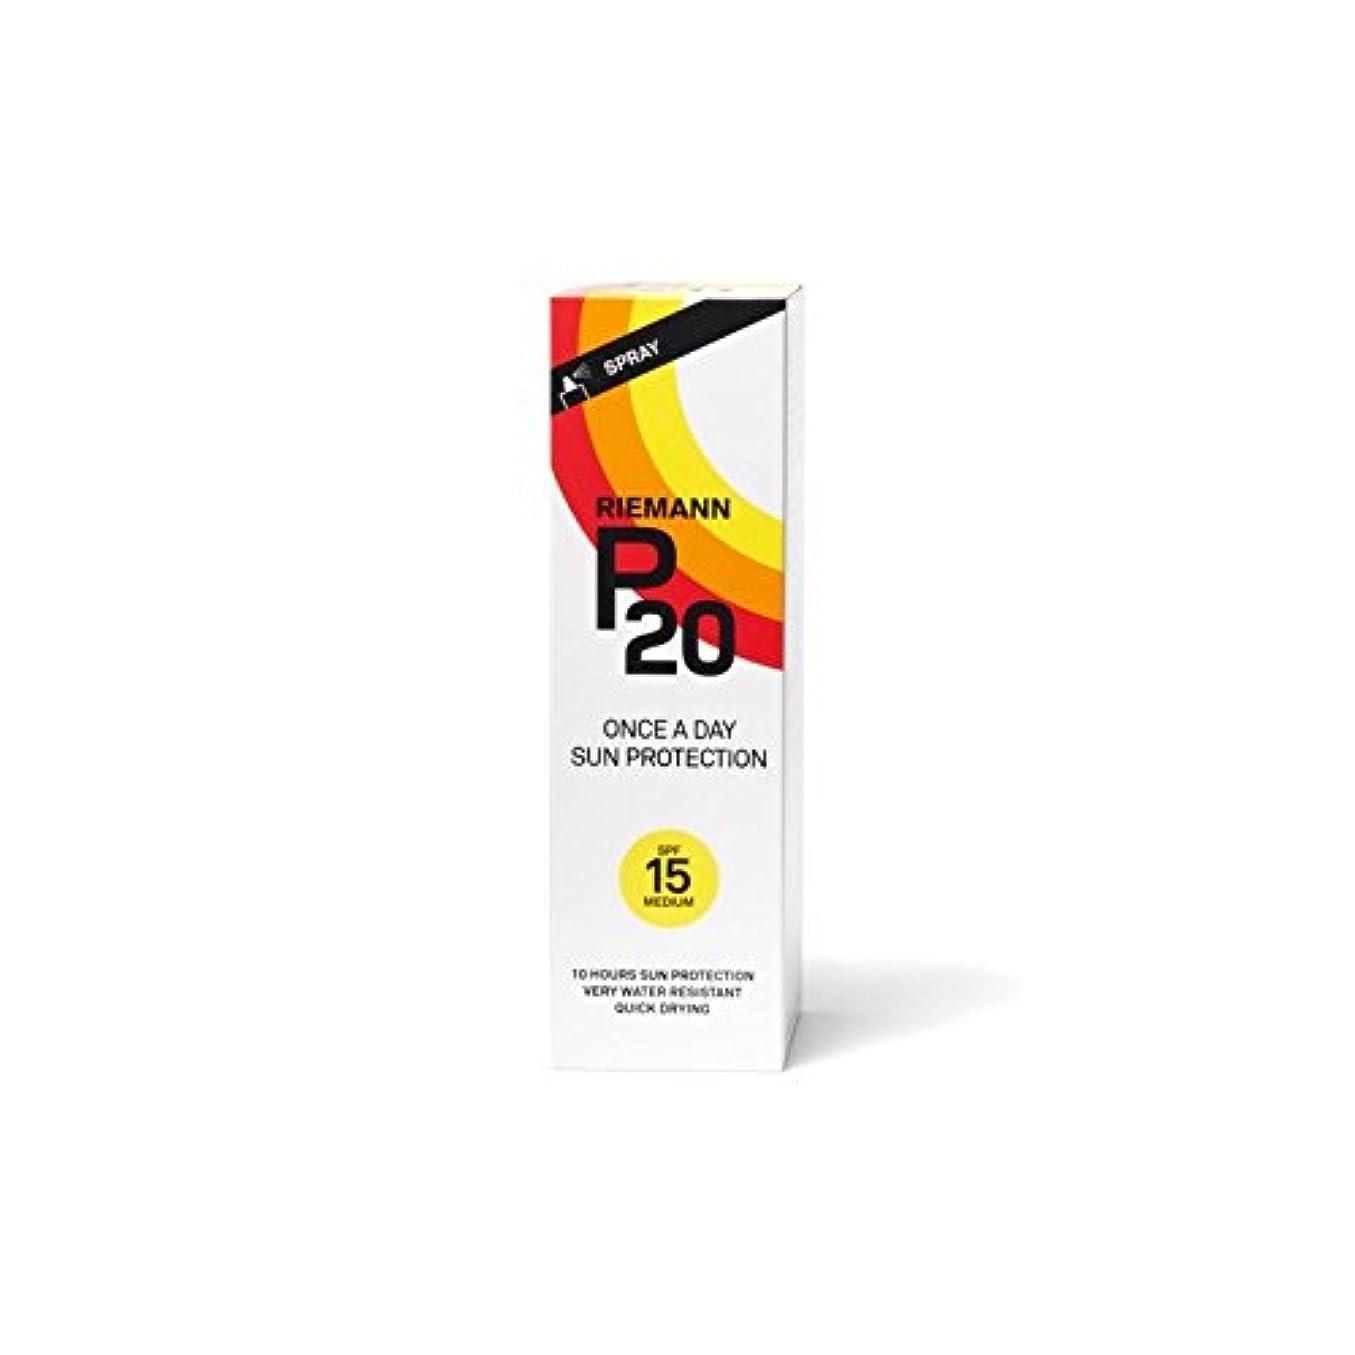 位置するまっすぐにするクッションRiemann P20 Sun Filter 100ml SPF15 (Pack of 6) - リーマン20のサンフィルター100ミリリットル15 x6 [並行輸入品]